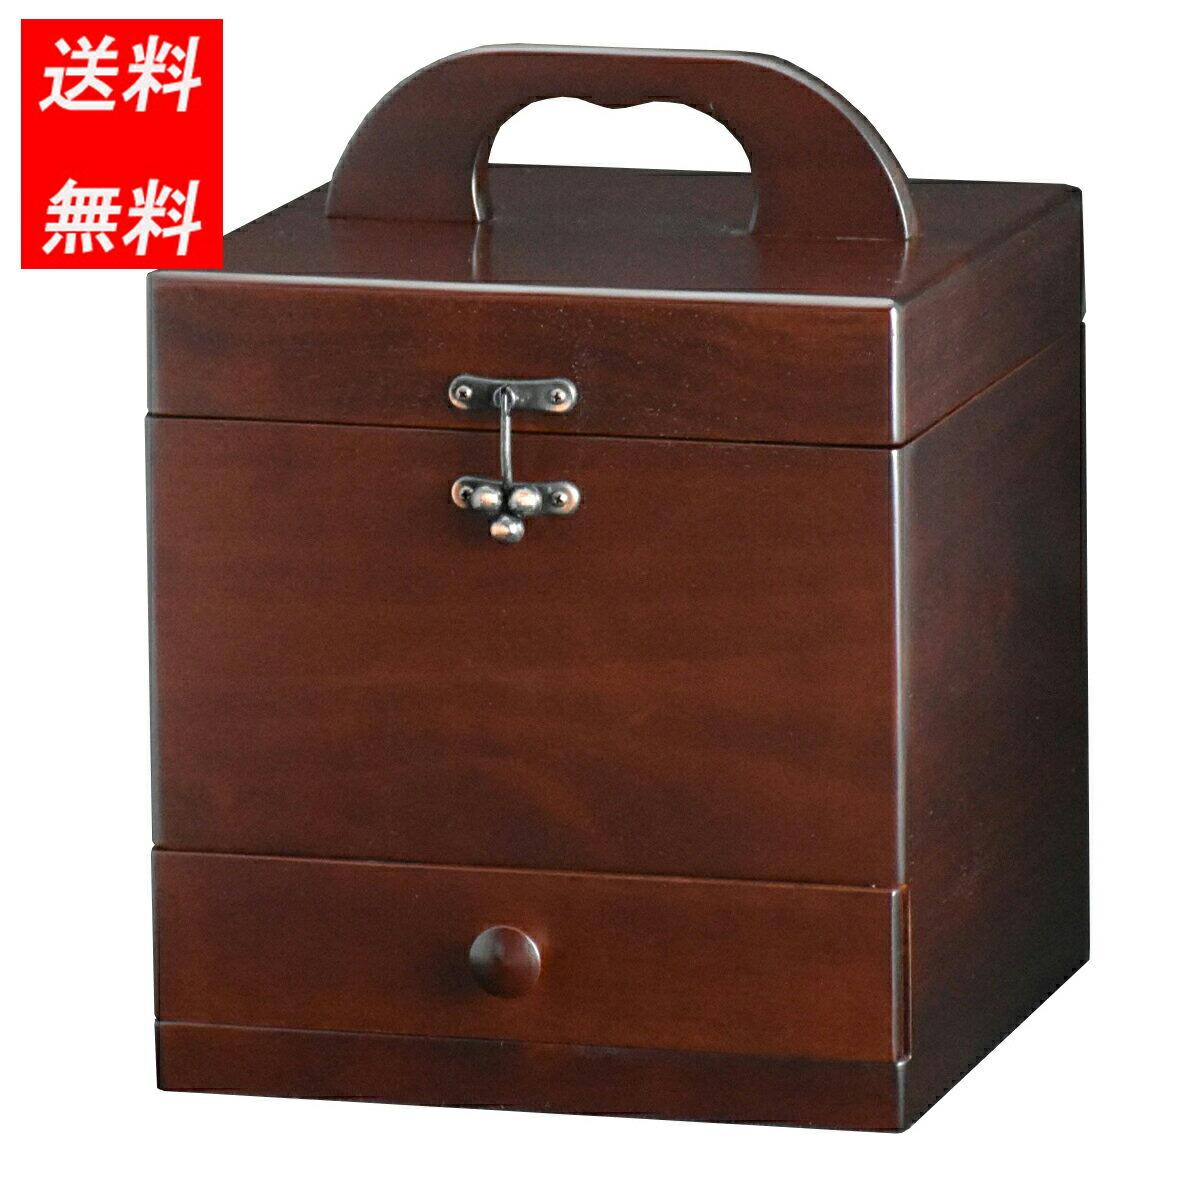 コスメボックス プラリネ 日本製 メイクボックス 木製 M2367 鏡角度調整 中古 送料無料 別倉庫からの配送